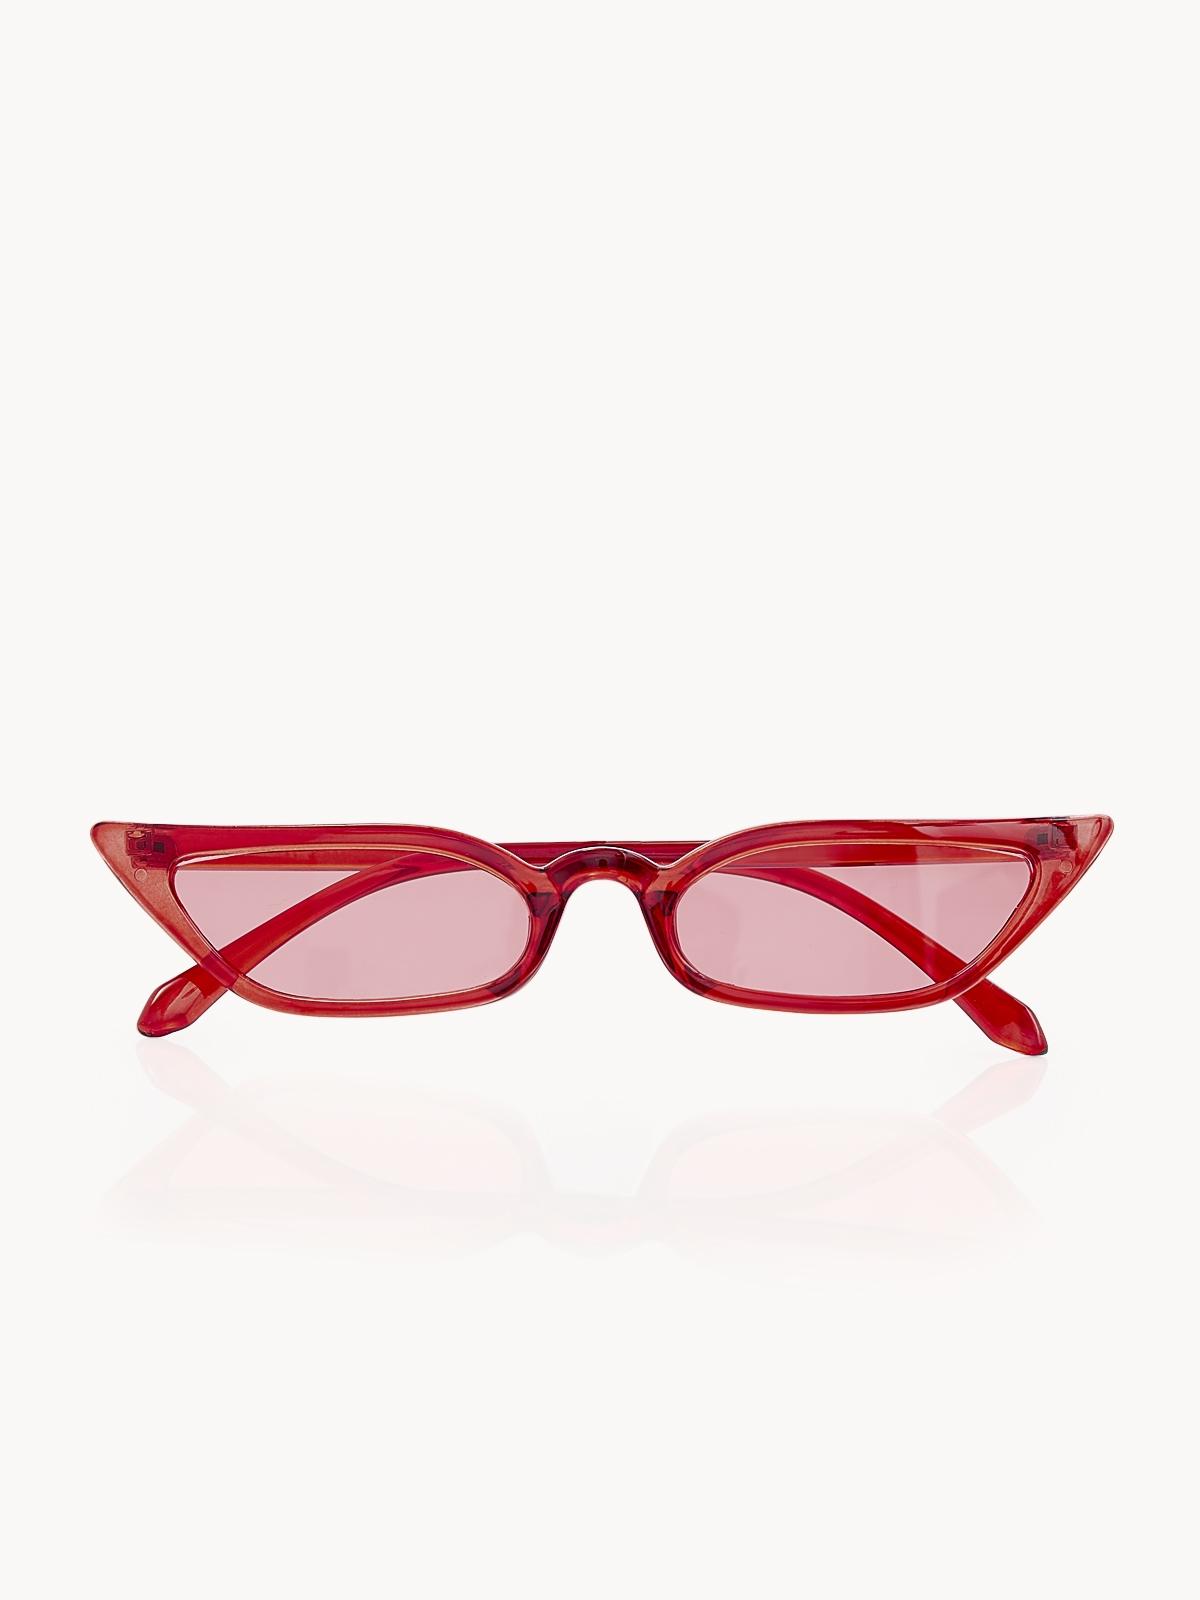 6f68ffe047 Sunglasses - Pomelo Fashion